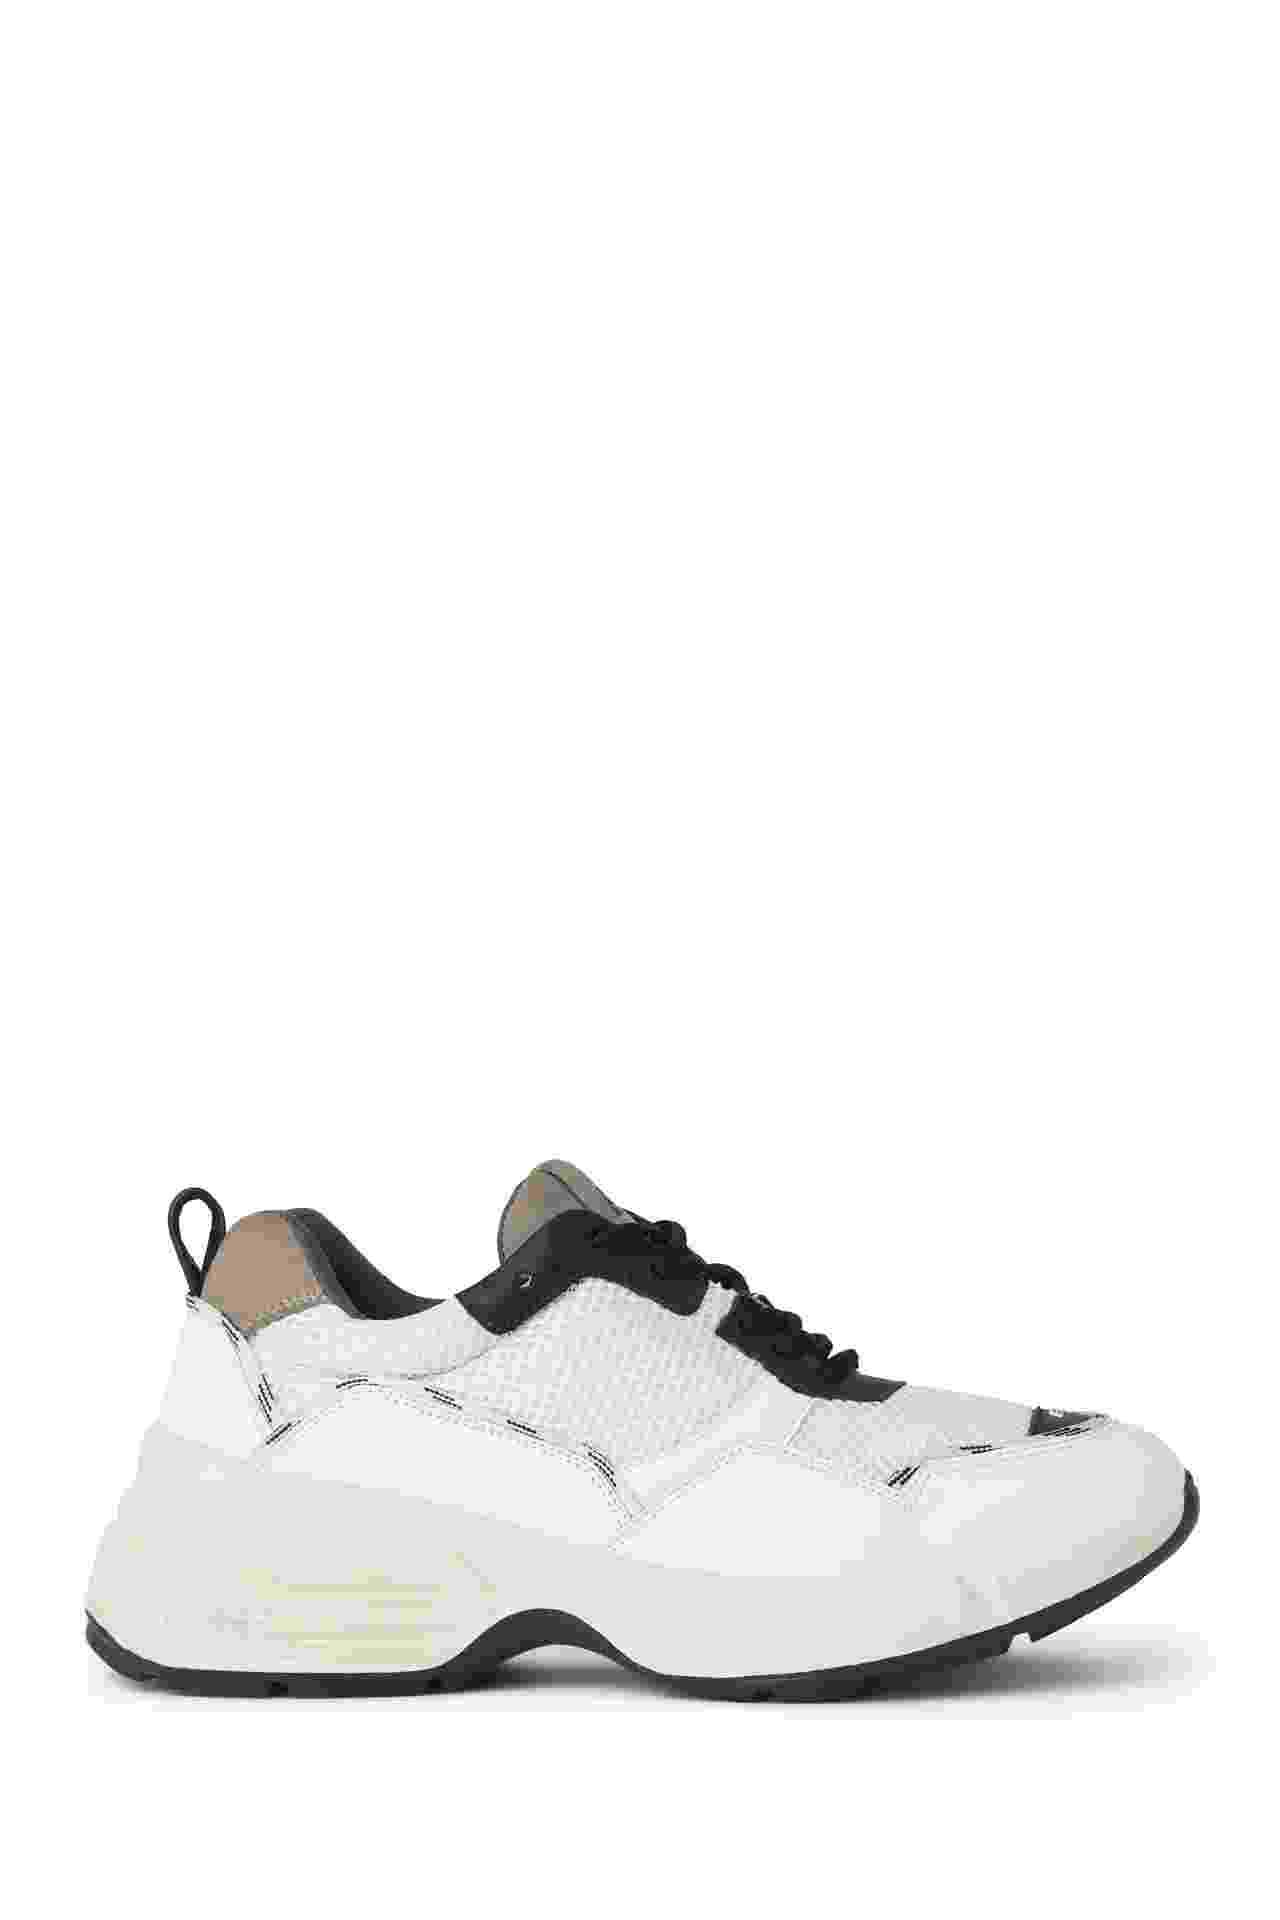 tênis de couro e tela R$ 690 Ellus http://ellus.com/ - Divulgação